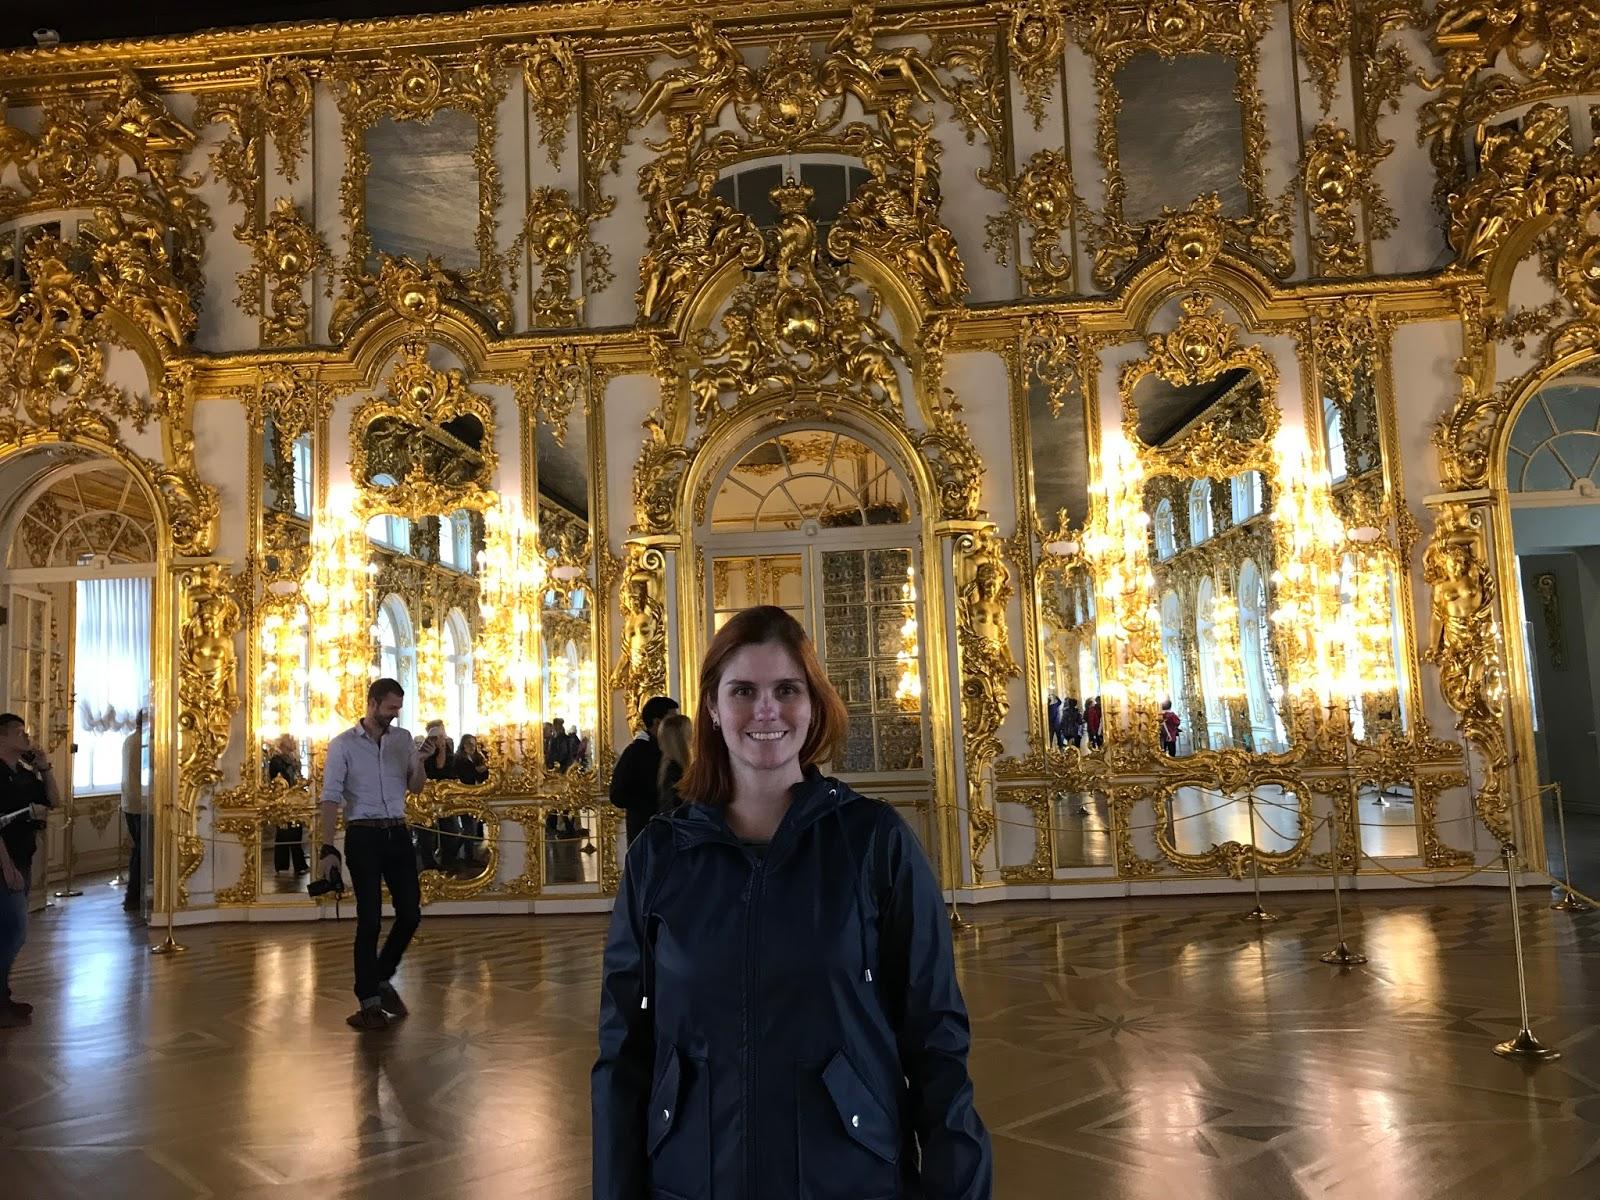 Grande Salão - Palácio da Catarina